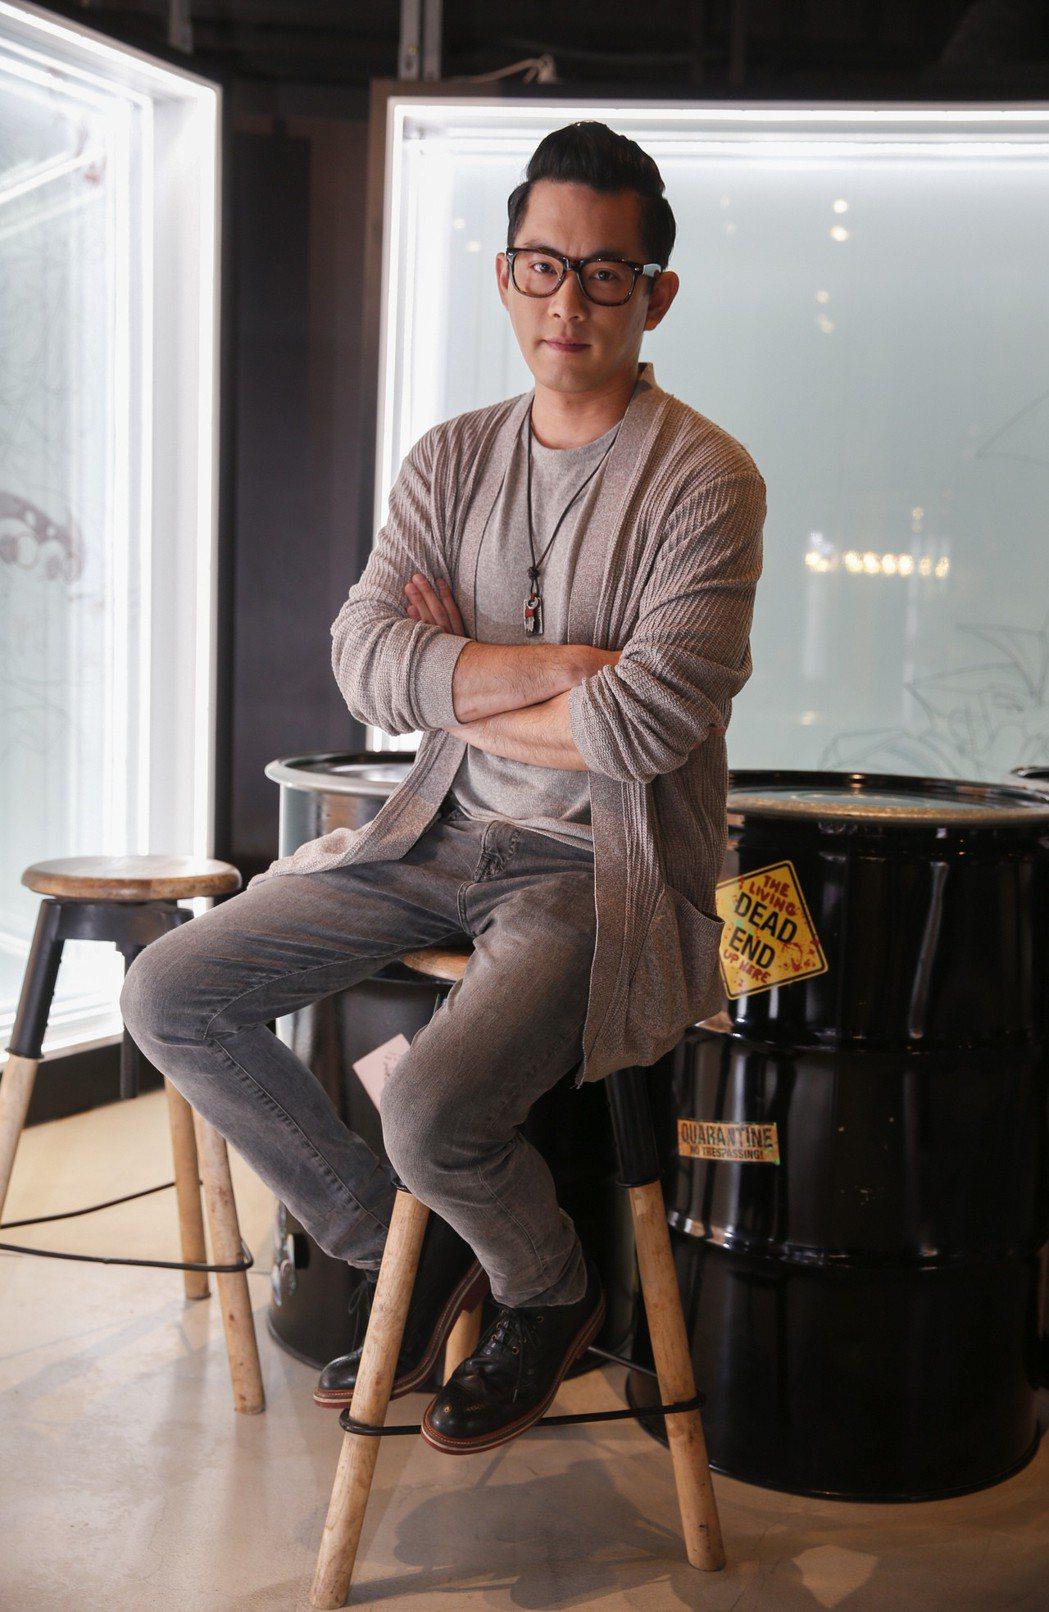 Junior韓宜邦當通告咖時被嫌沒哏,反而在戲劇圈找到一片天。記者鄭超文/攝影